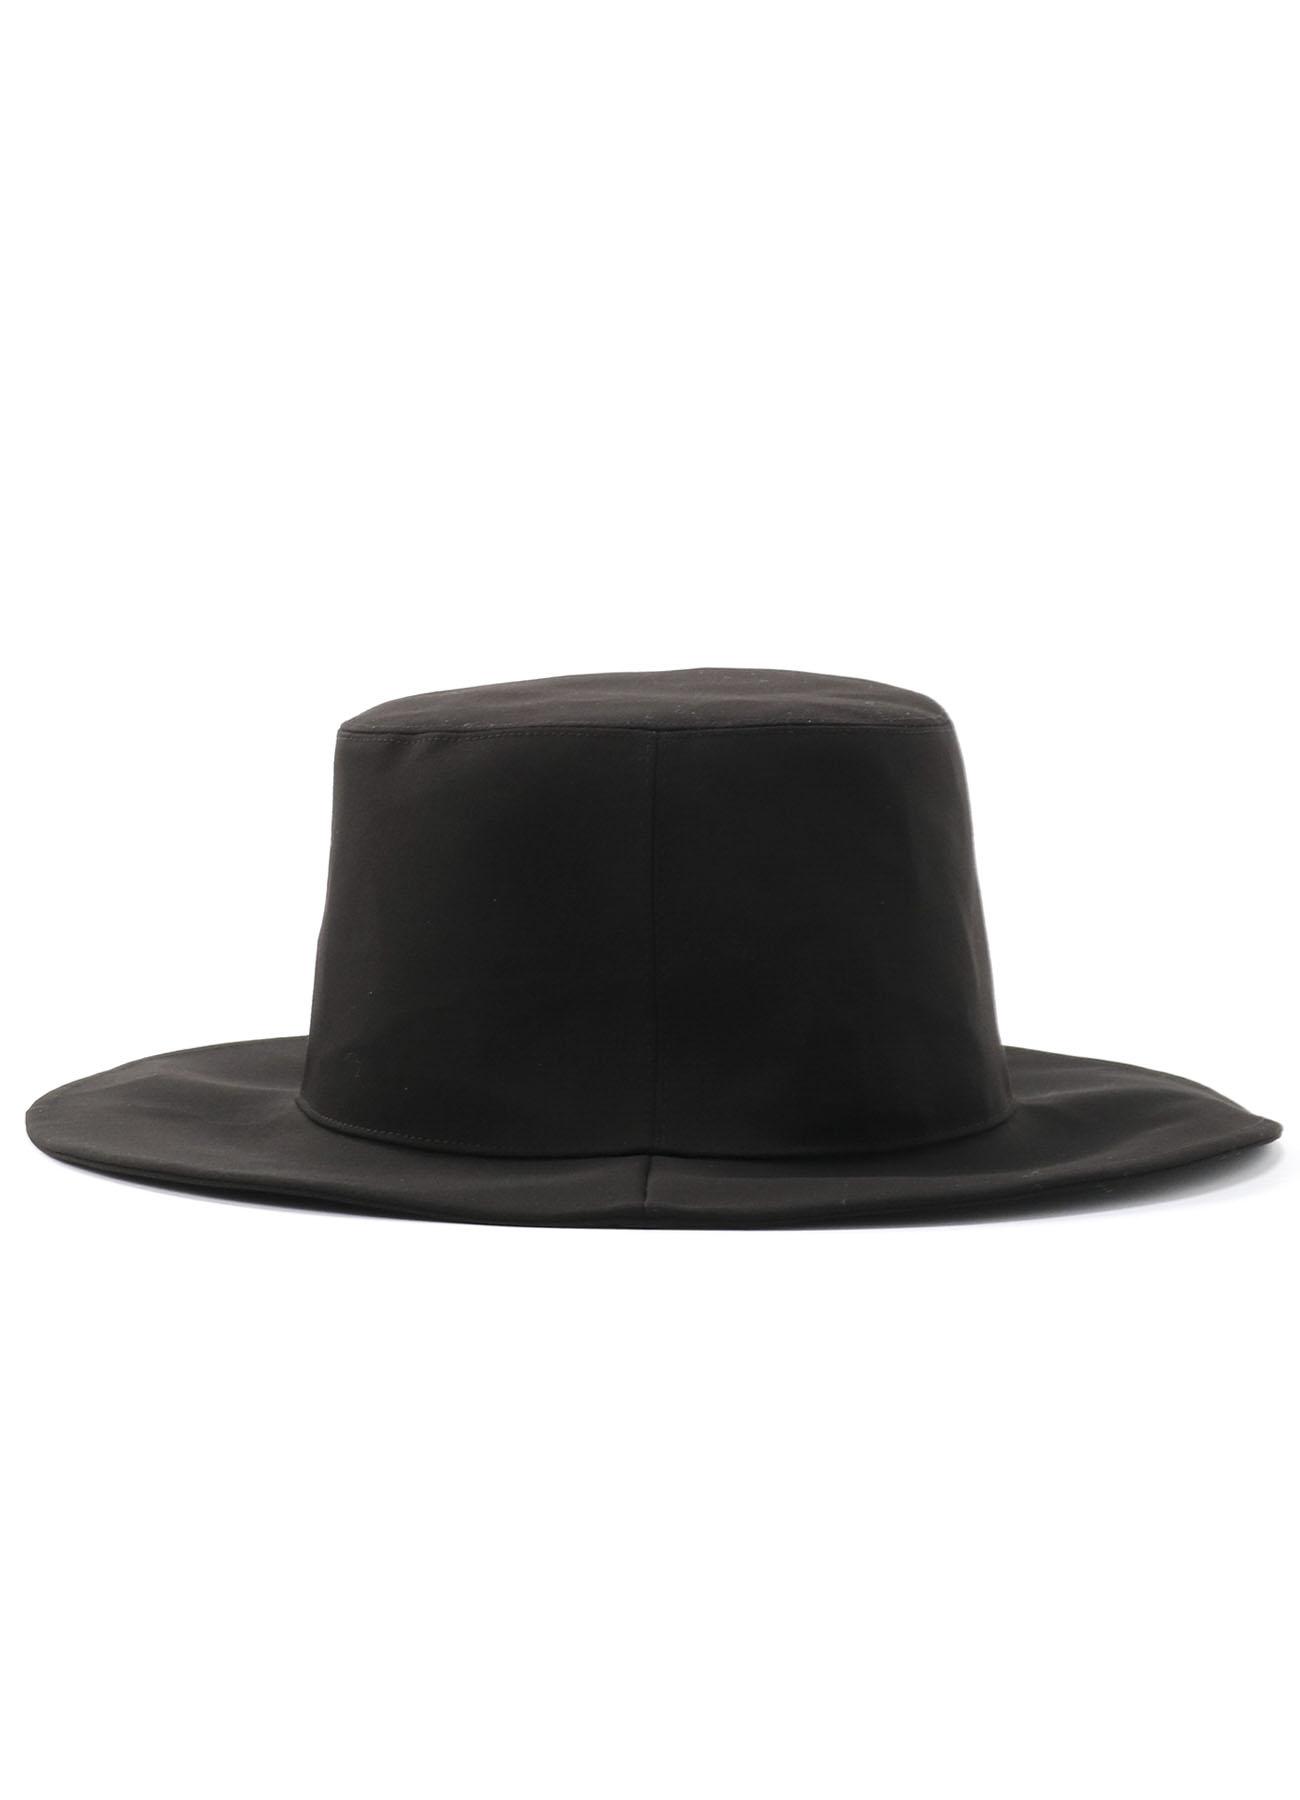 人造丝礼帽